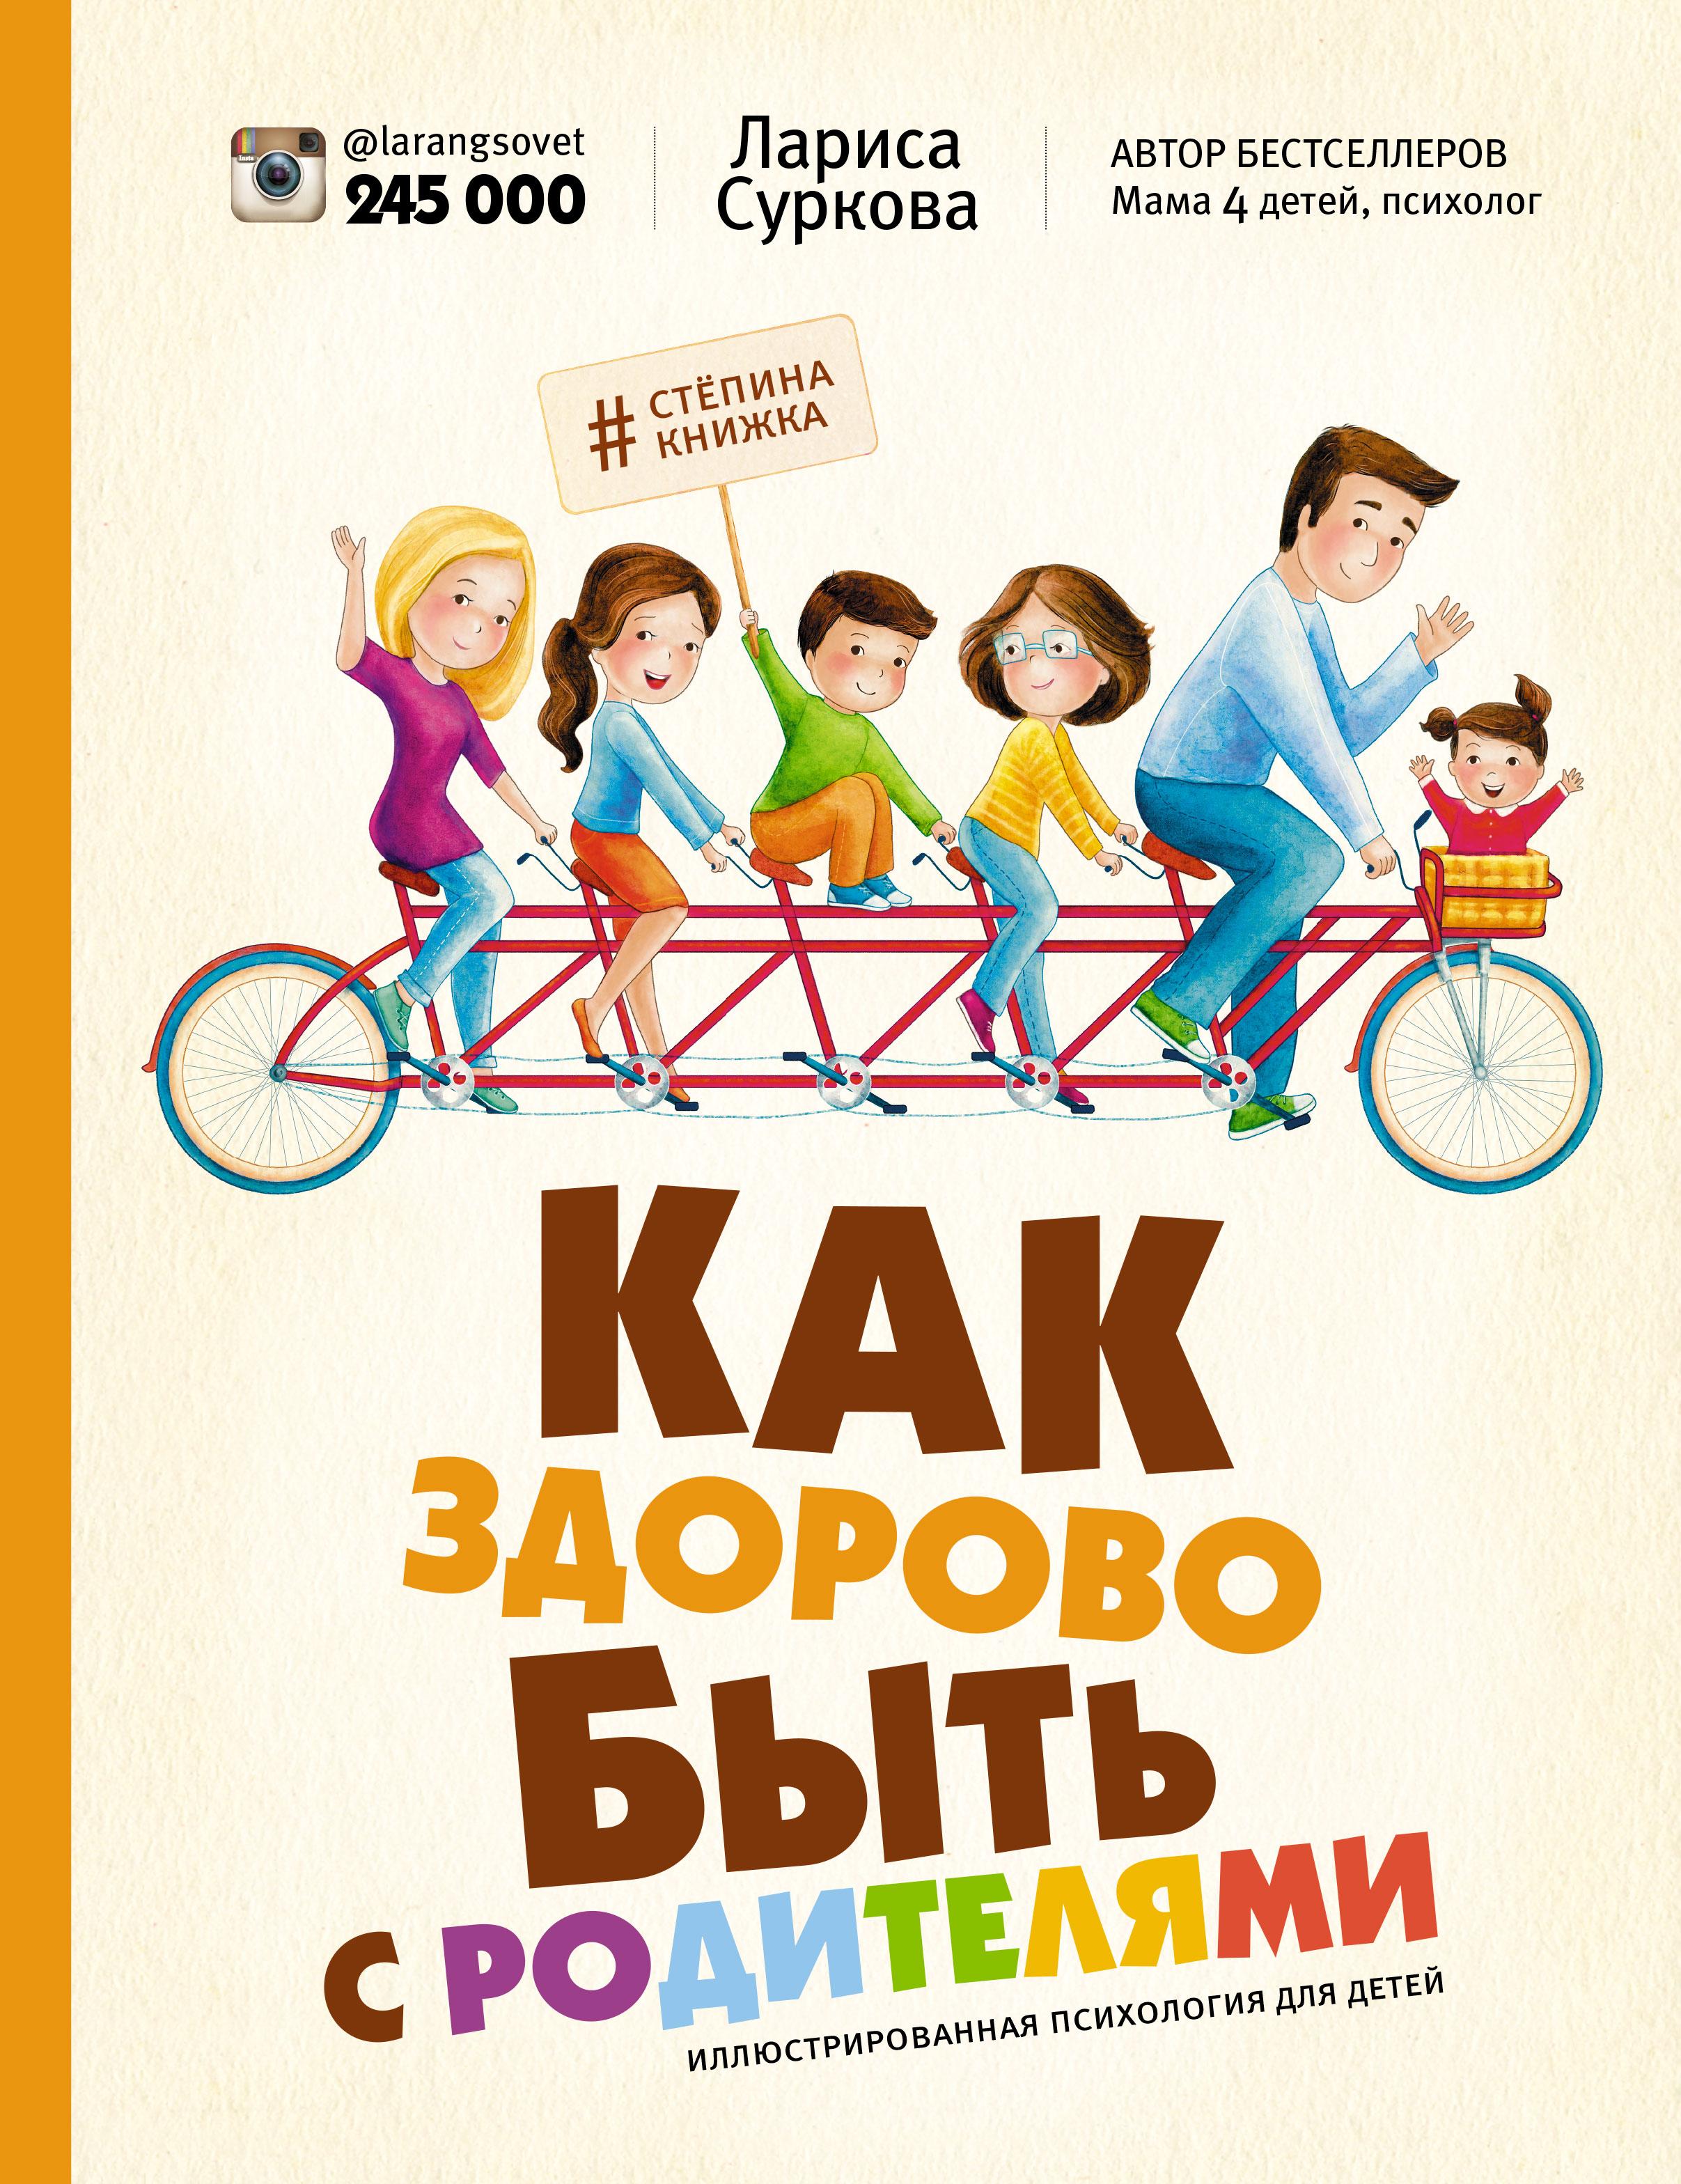 Купить Как Здорово Быть С Родителям и Иллюстрированная психология для Детей, АСТ, Этикет, гигиена, безопасность